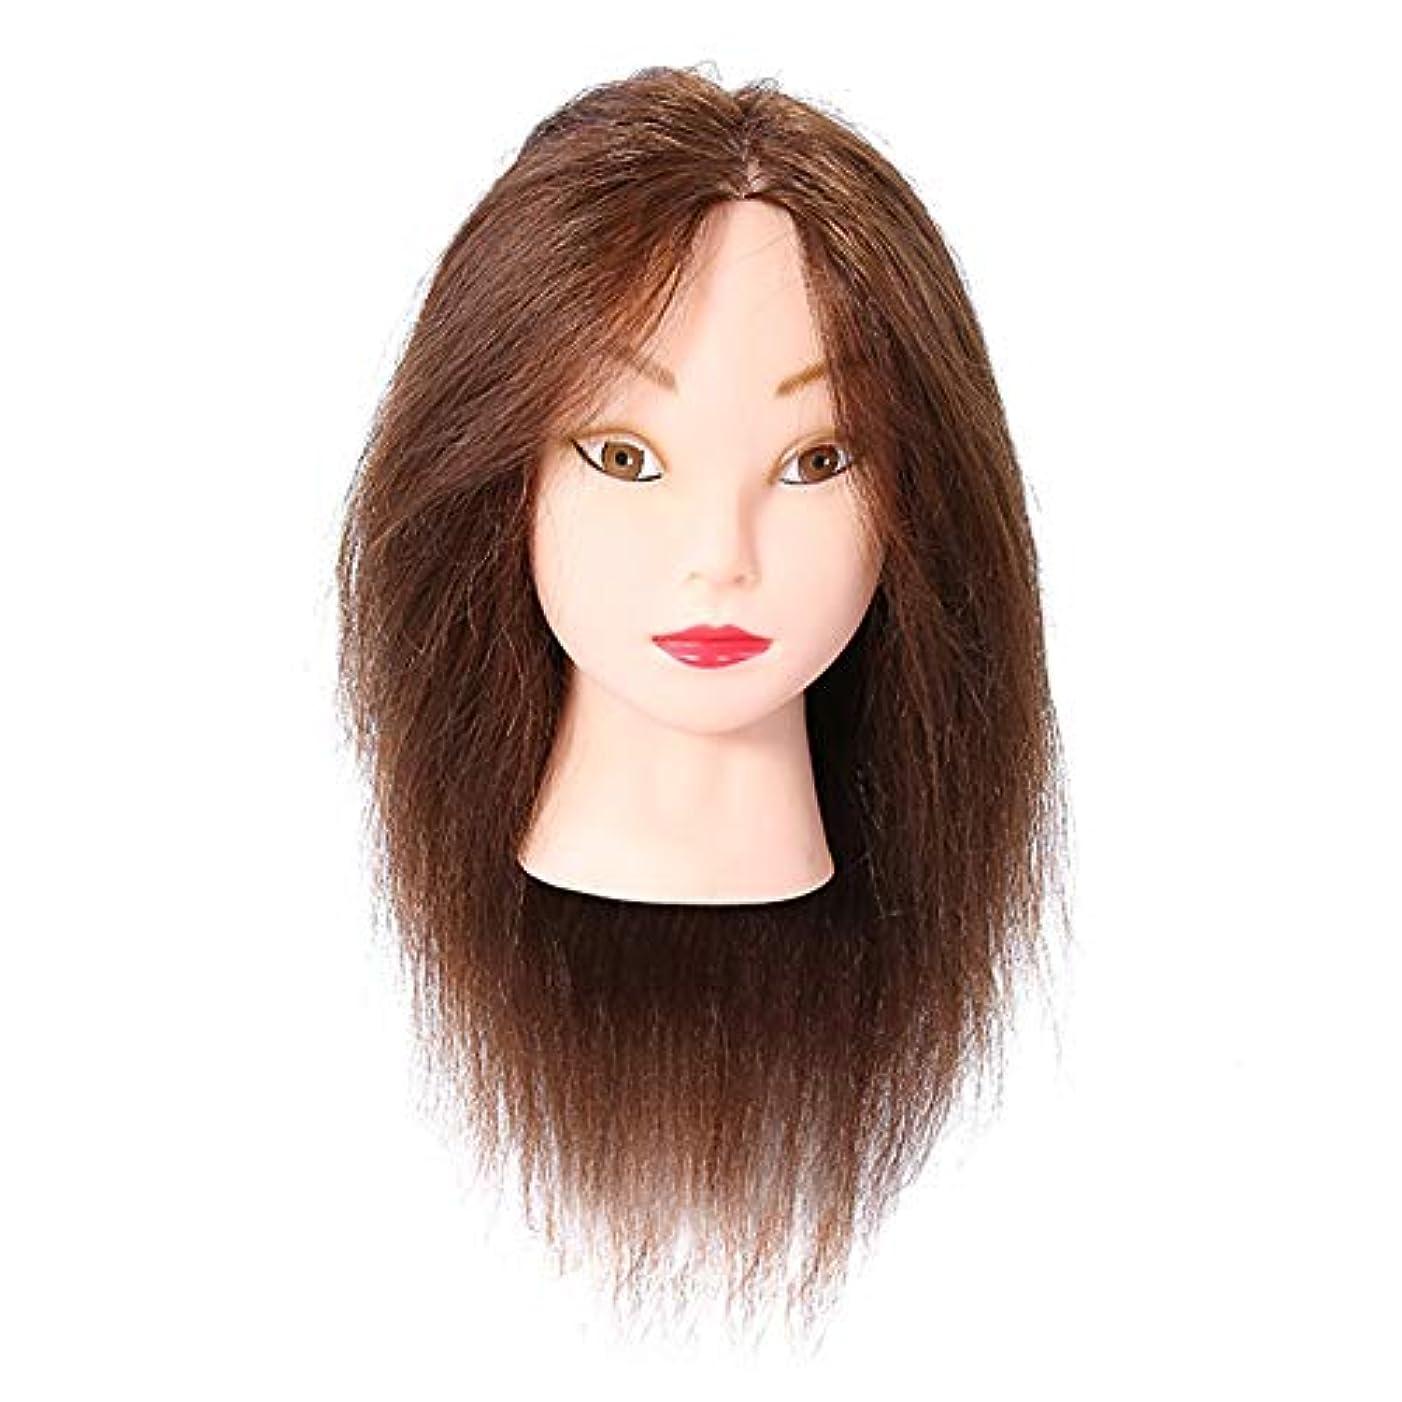 求人落とし穴同封するヘアトレーニングヘッド、練習用ヘアスタイリングプラクティス ヘアドレッシング かつらマネキン